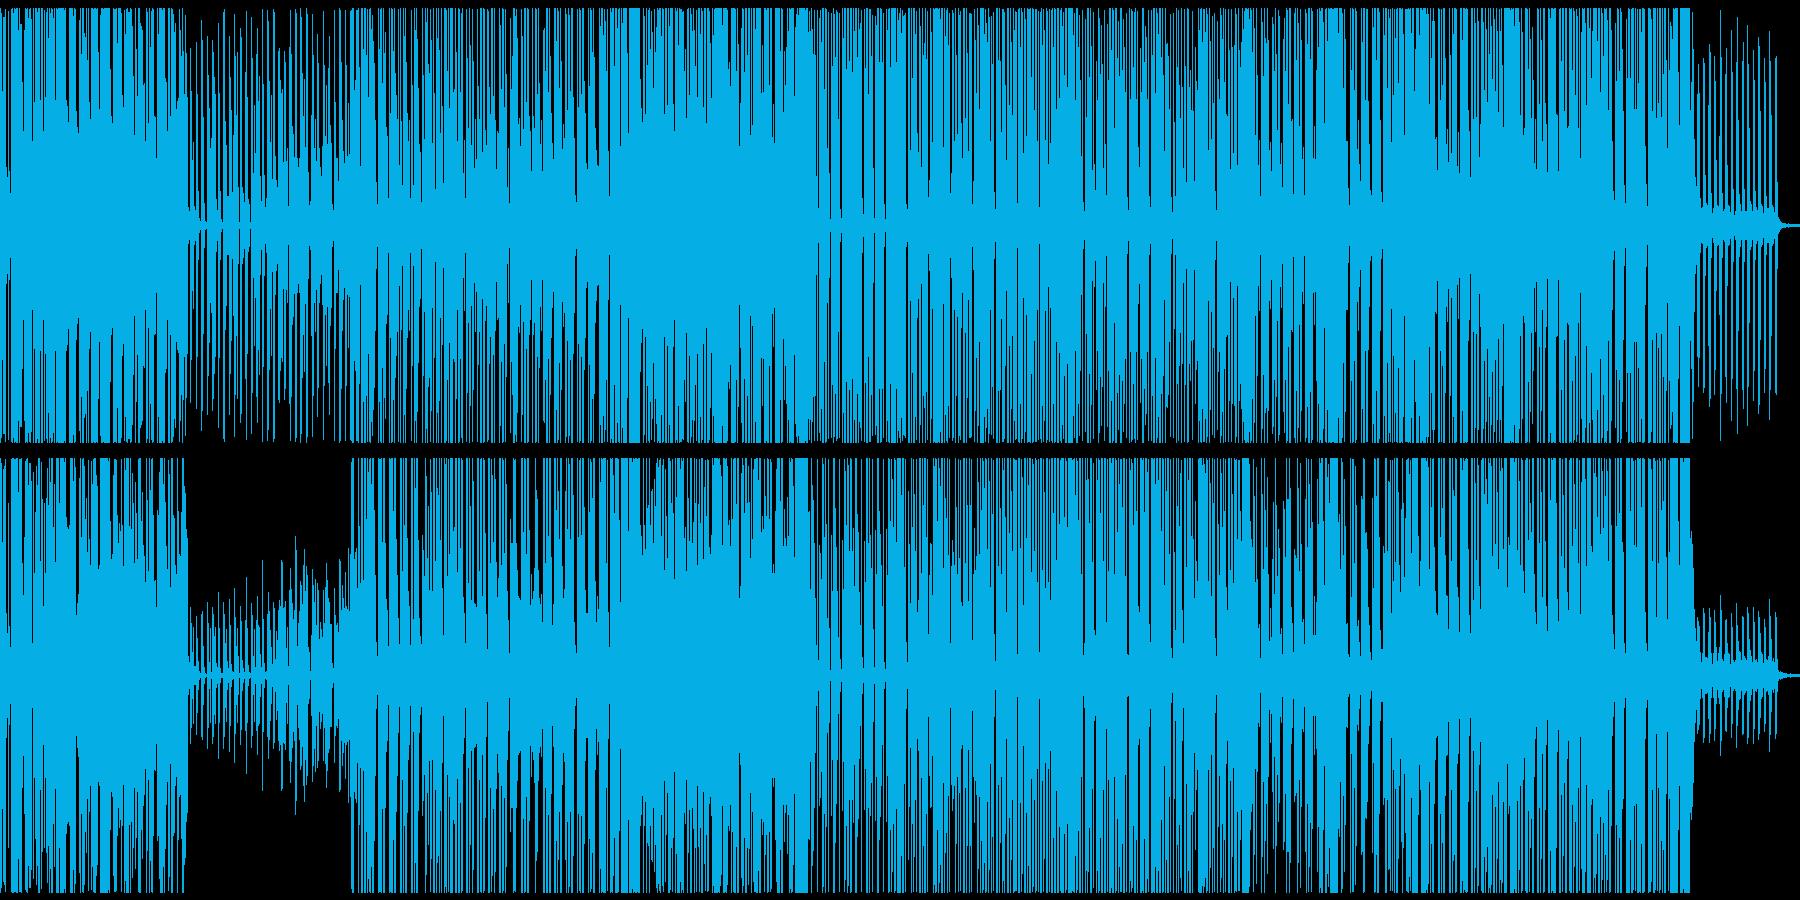 春~夏向きのさわやかなレゲエBGMの再生済みの波形